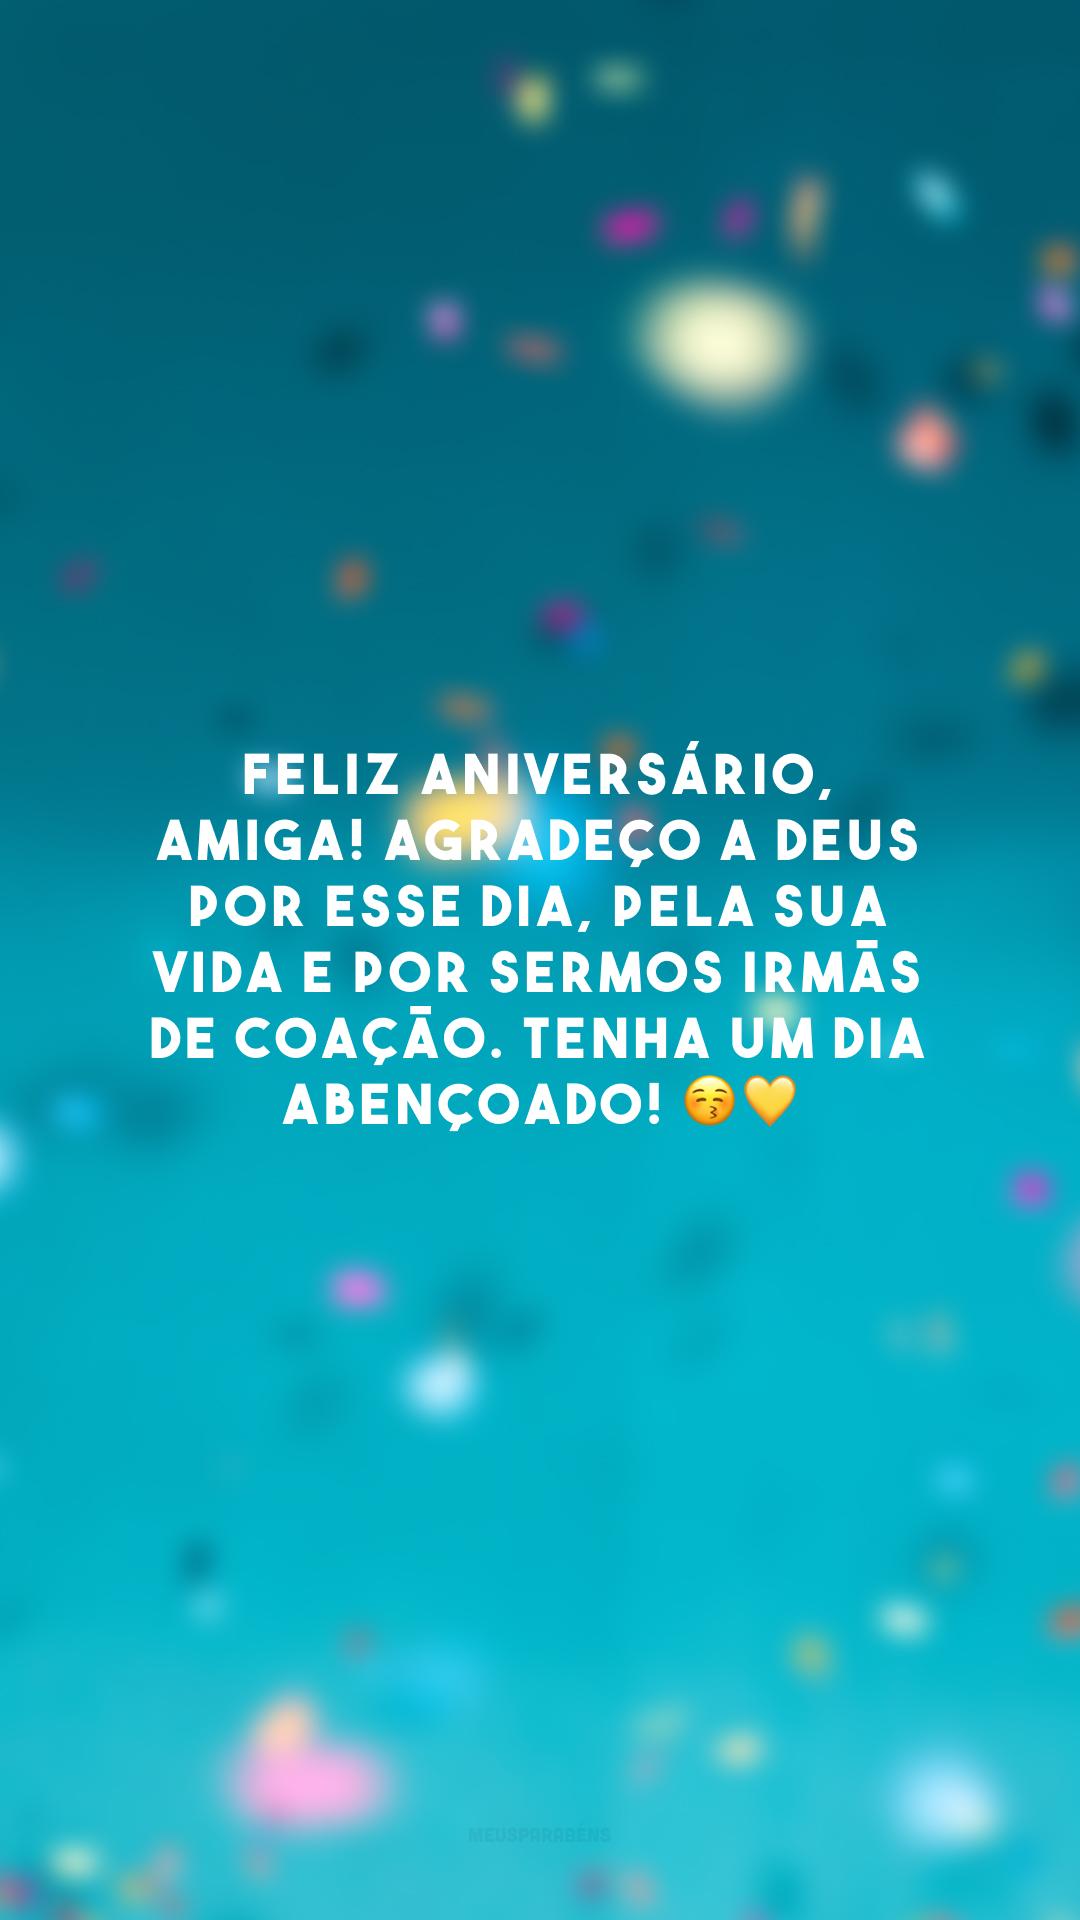 Feliz aniversário, amiga! Agradeço a Deus por esse dia, pela sua vida e por sermos irmãs de coação. Tenha um dia abençoado! 😚💛